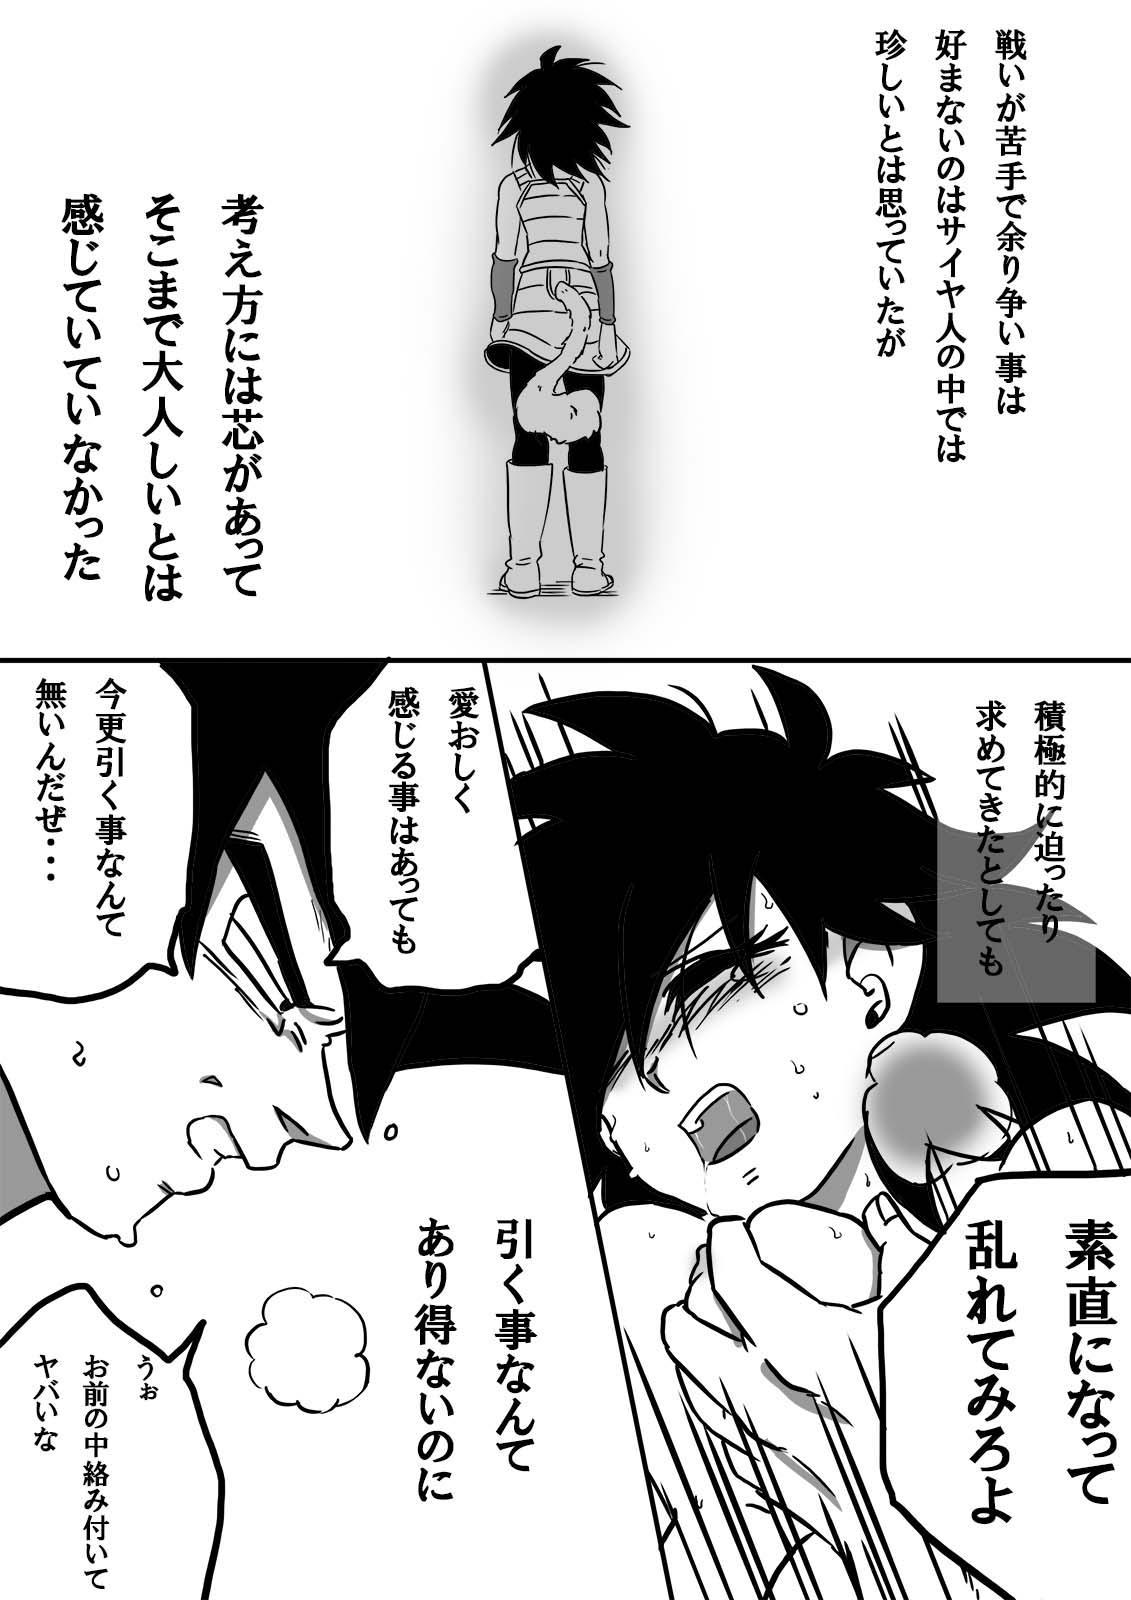 Miwaku no hana 20